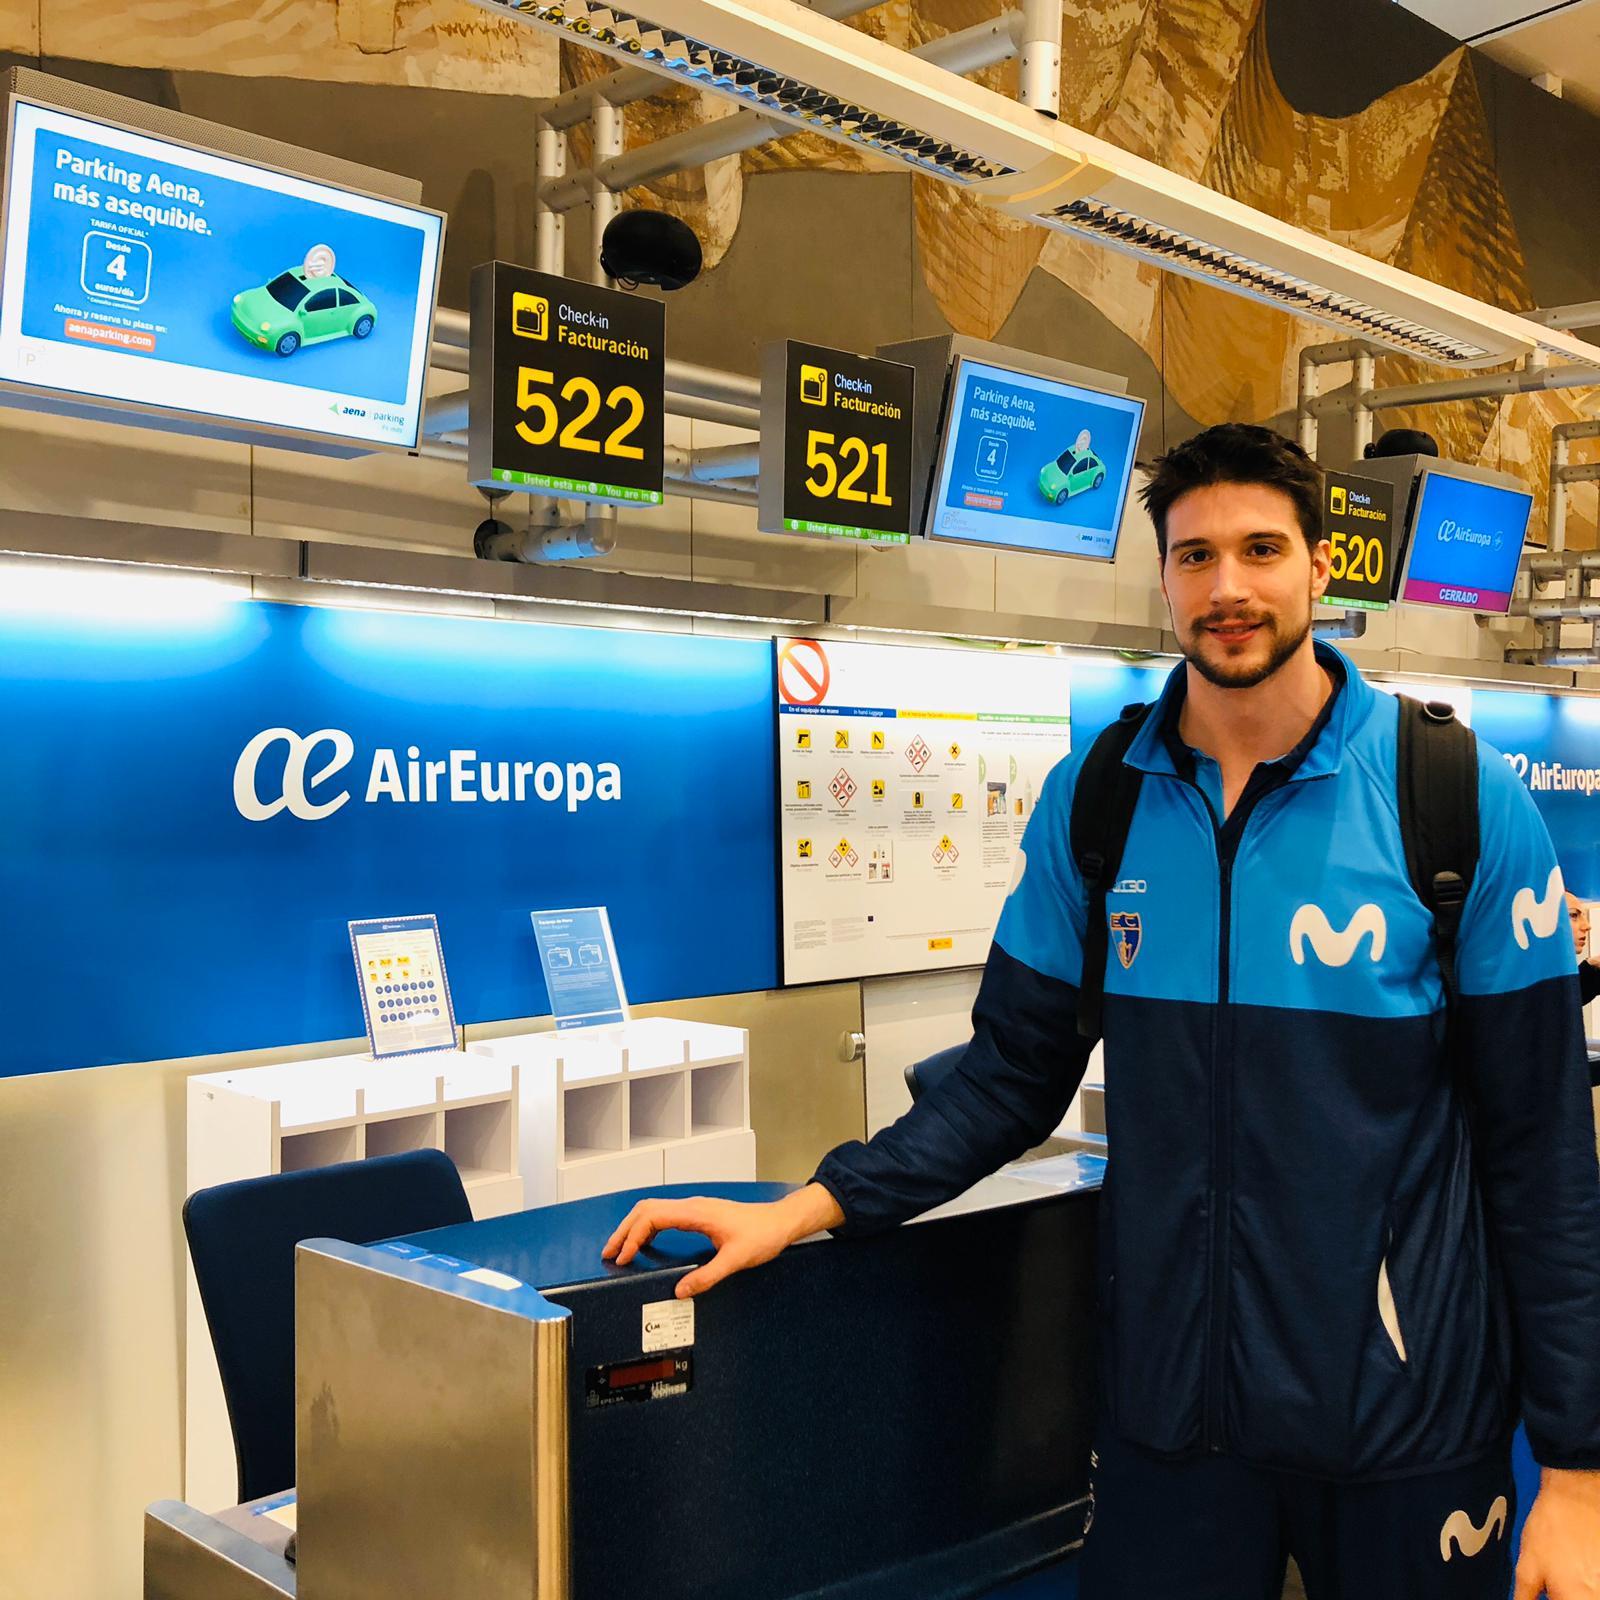 Siete temporadas volando con Air Europa